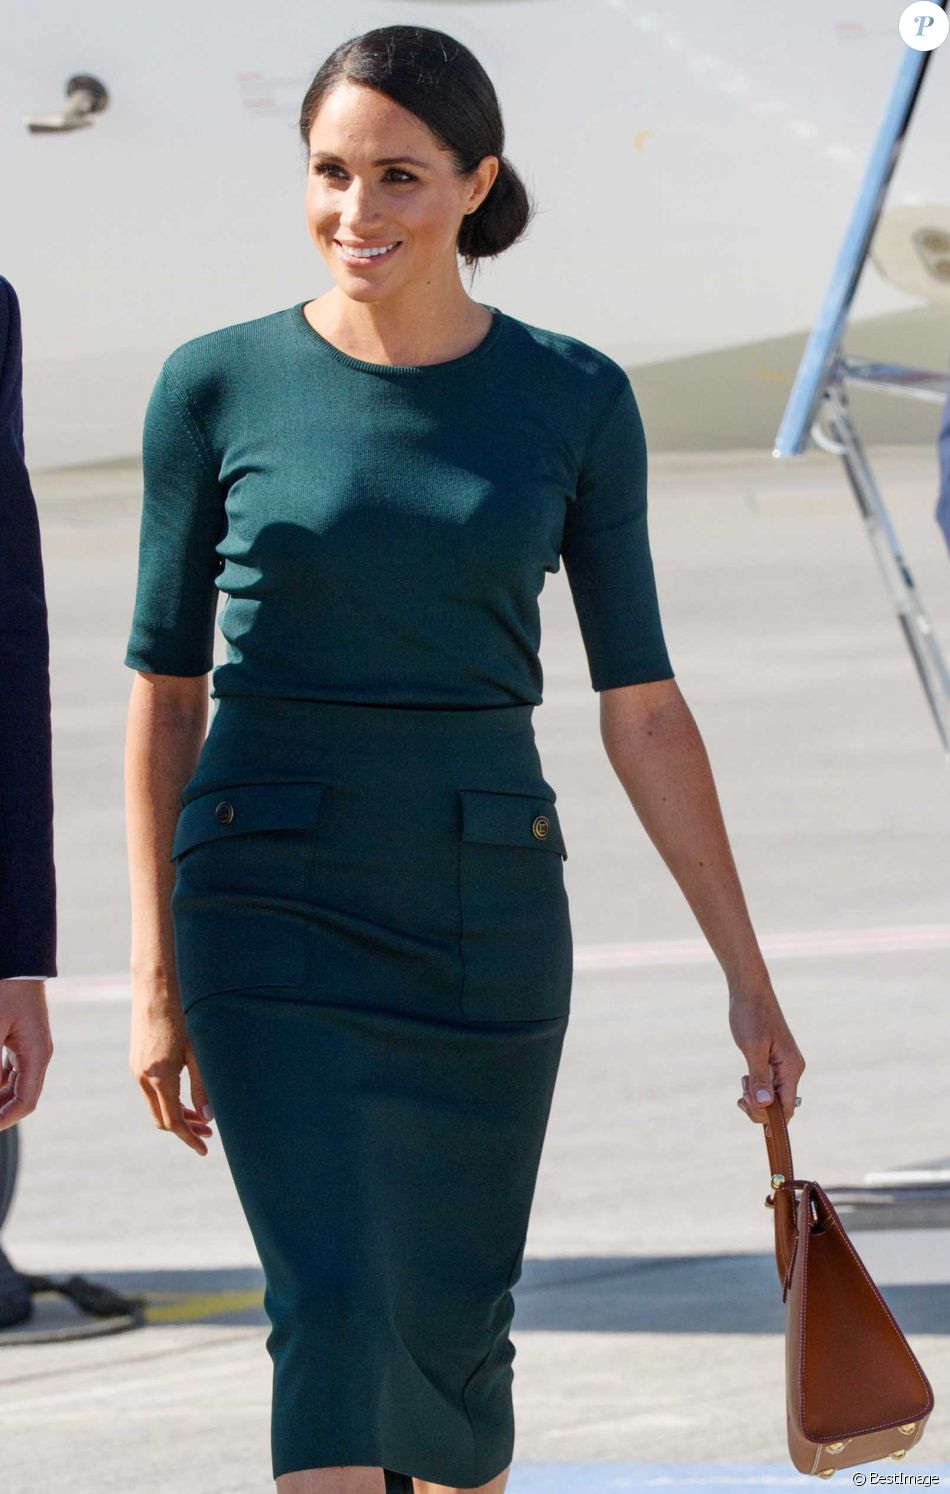 Le prince Harry, duc de Sussex et sa femme Meghan Markle, duchesse de Sussex arrivent à l'aéroport de Dublin, le 10 juillet 2018.